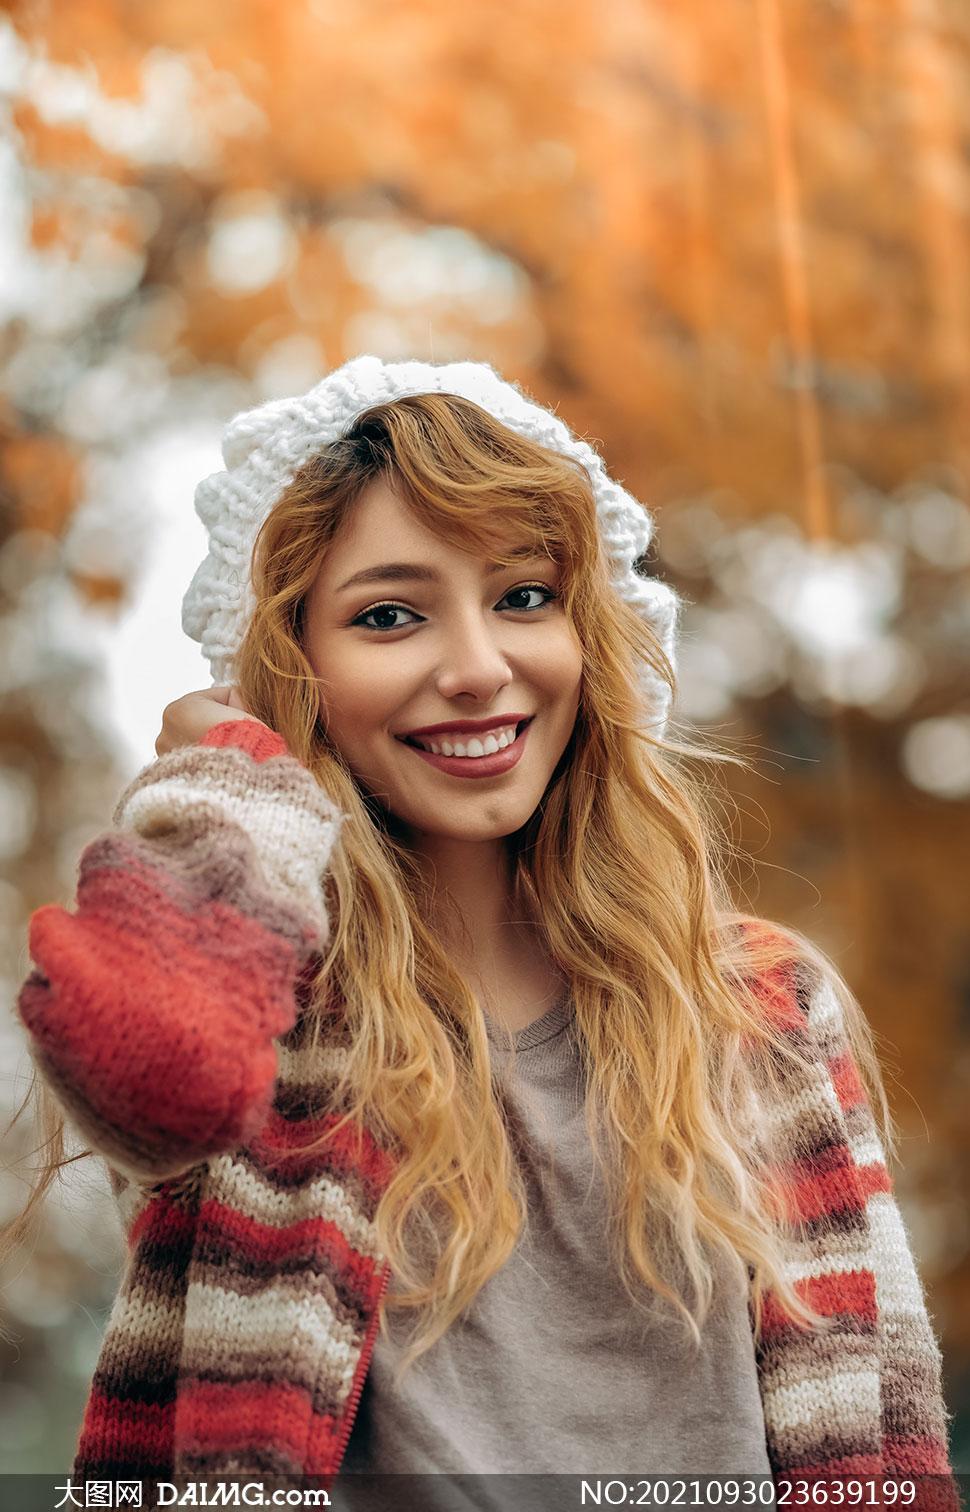 头戴着帽子的秋冬服饰美女高清图片